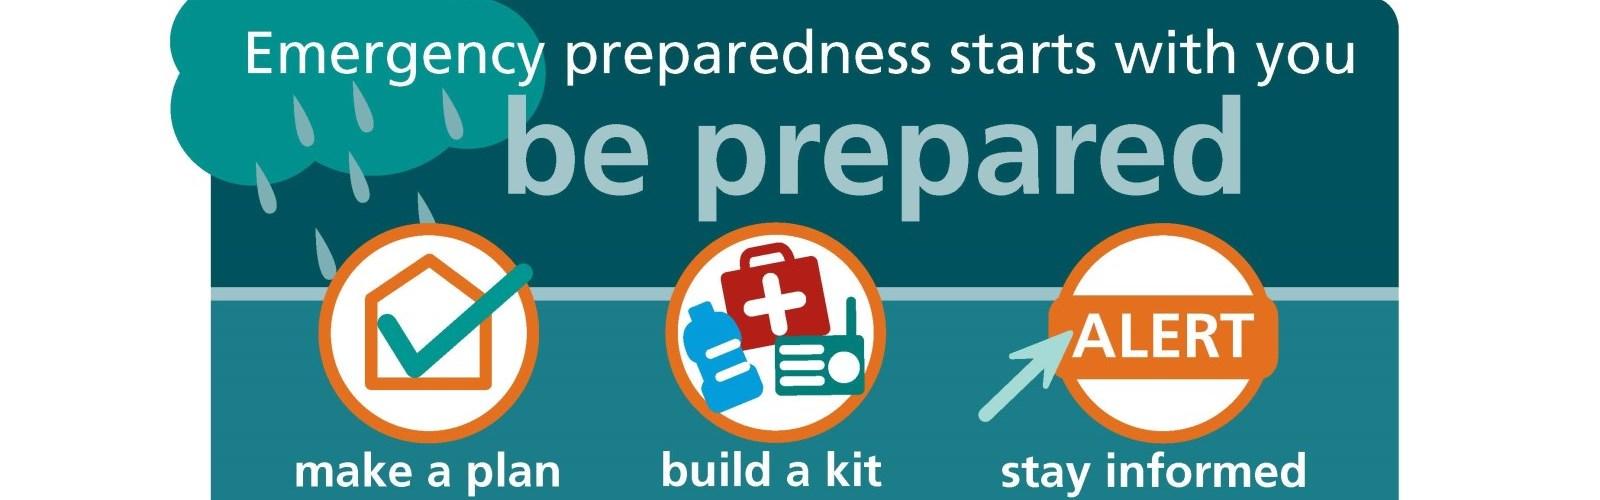 emergency plan - Parfu kaptanband co